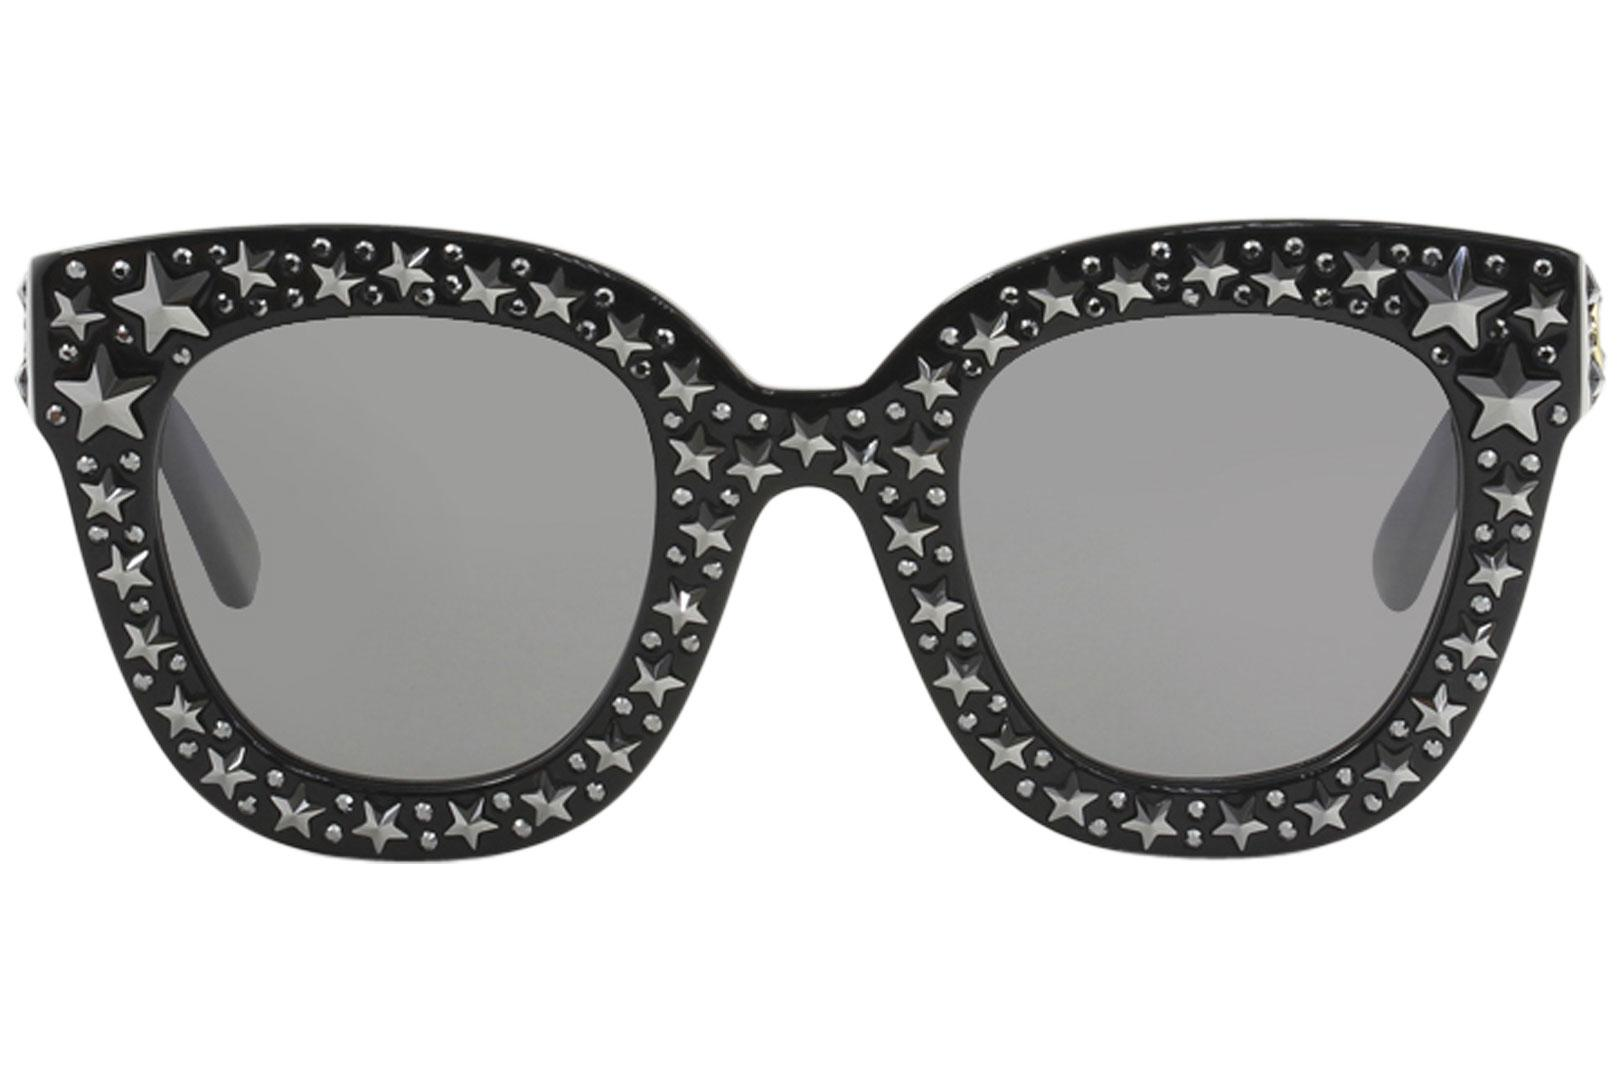 cafbb610e Gucci Women's GG0116S GG/0116/S Fashion Square Sunglasses by Gucci